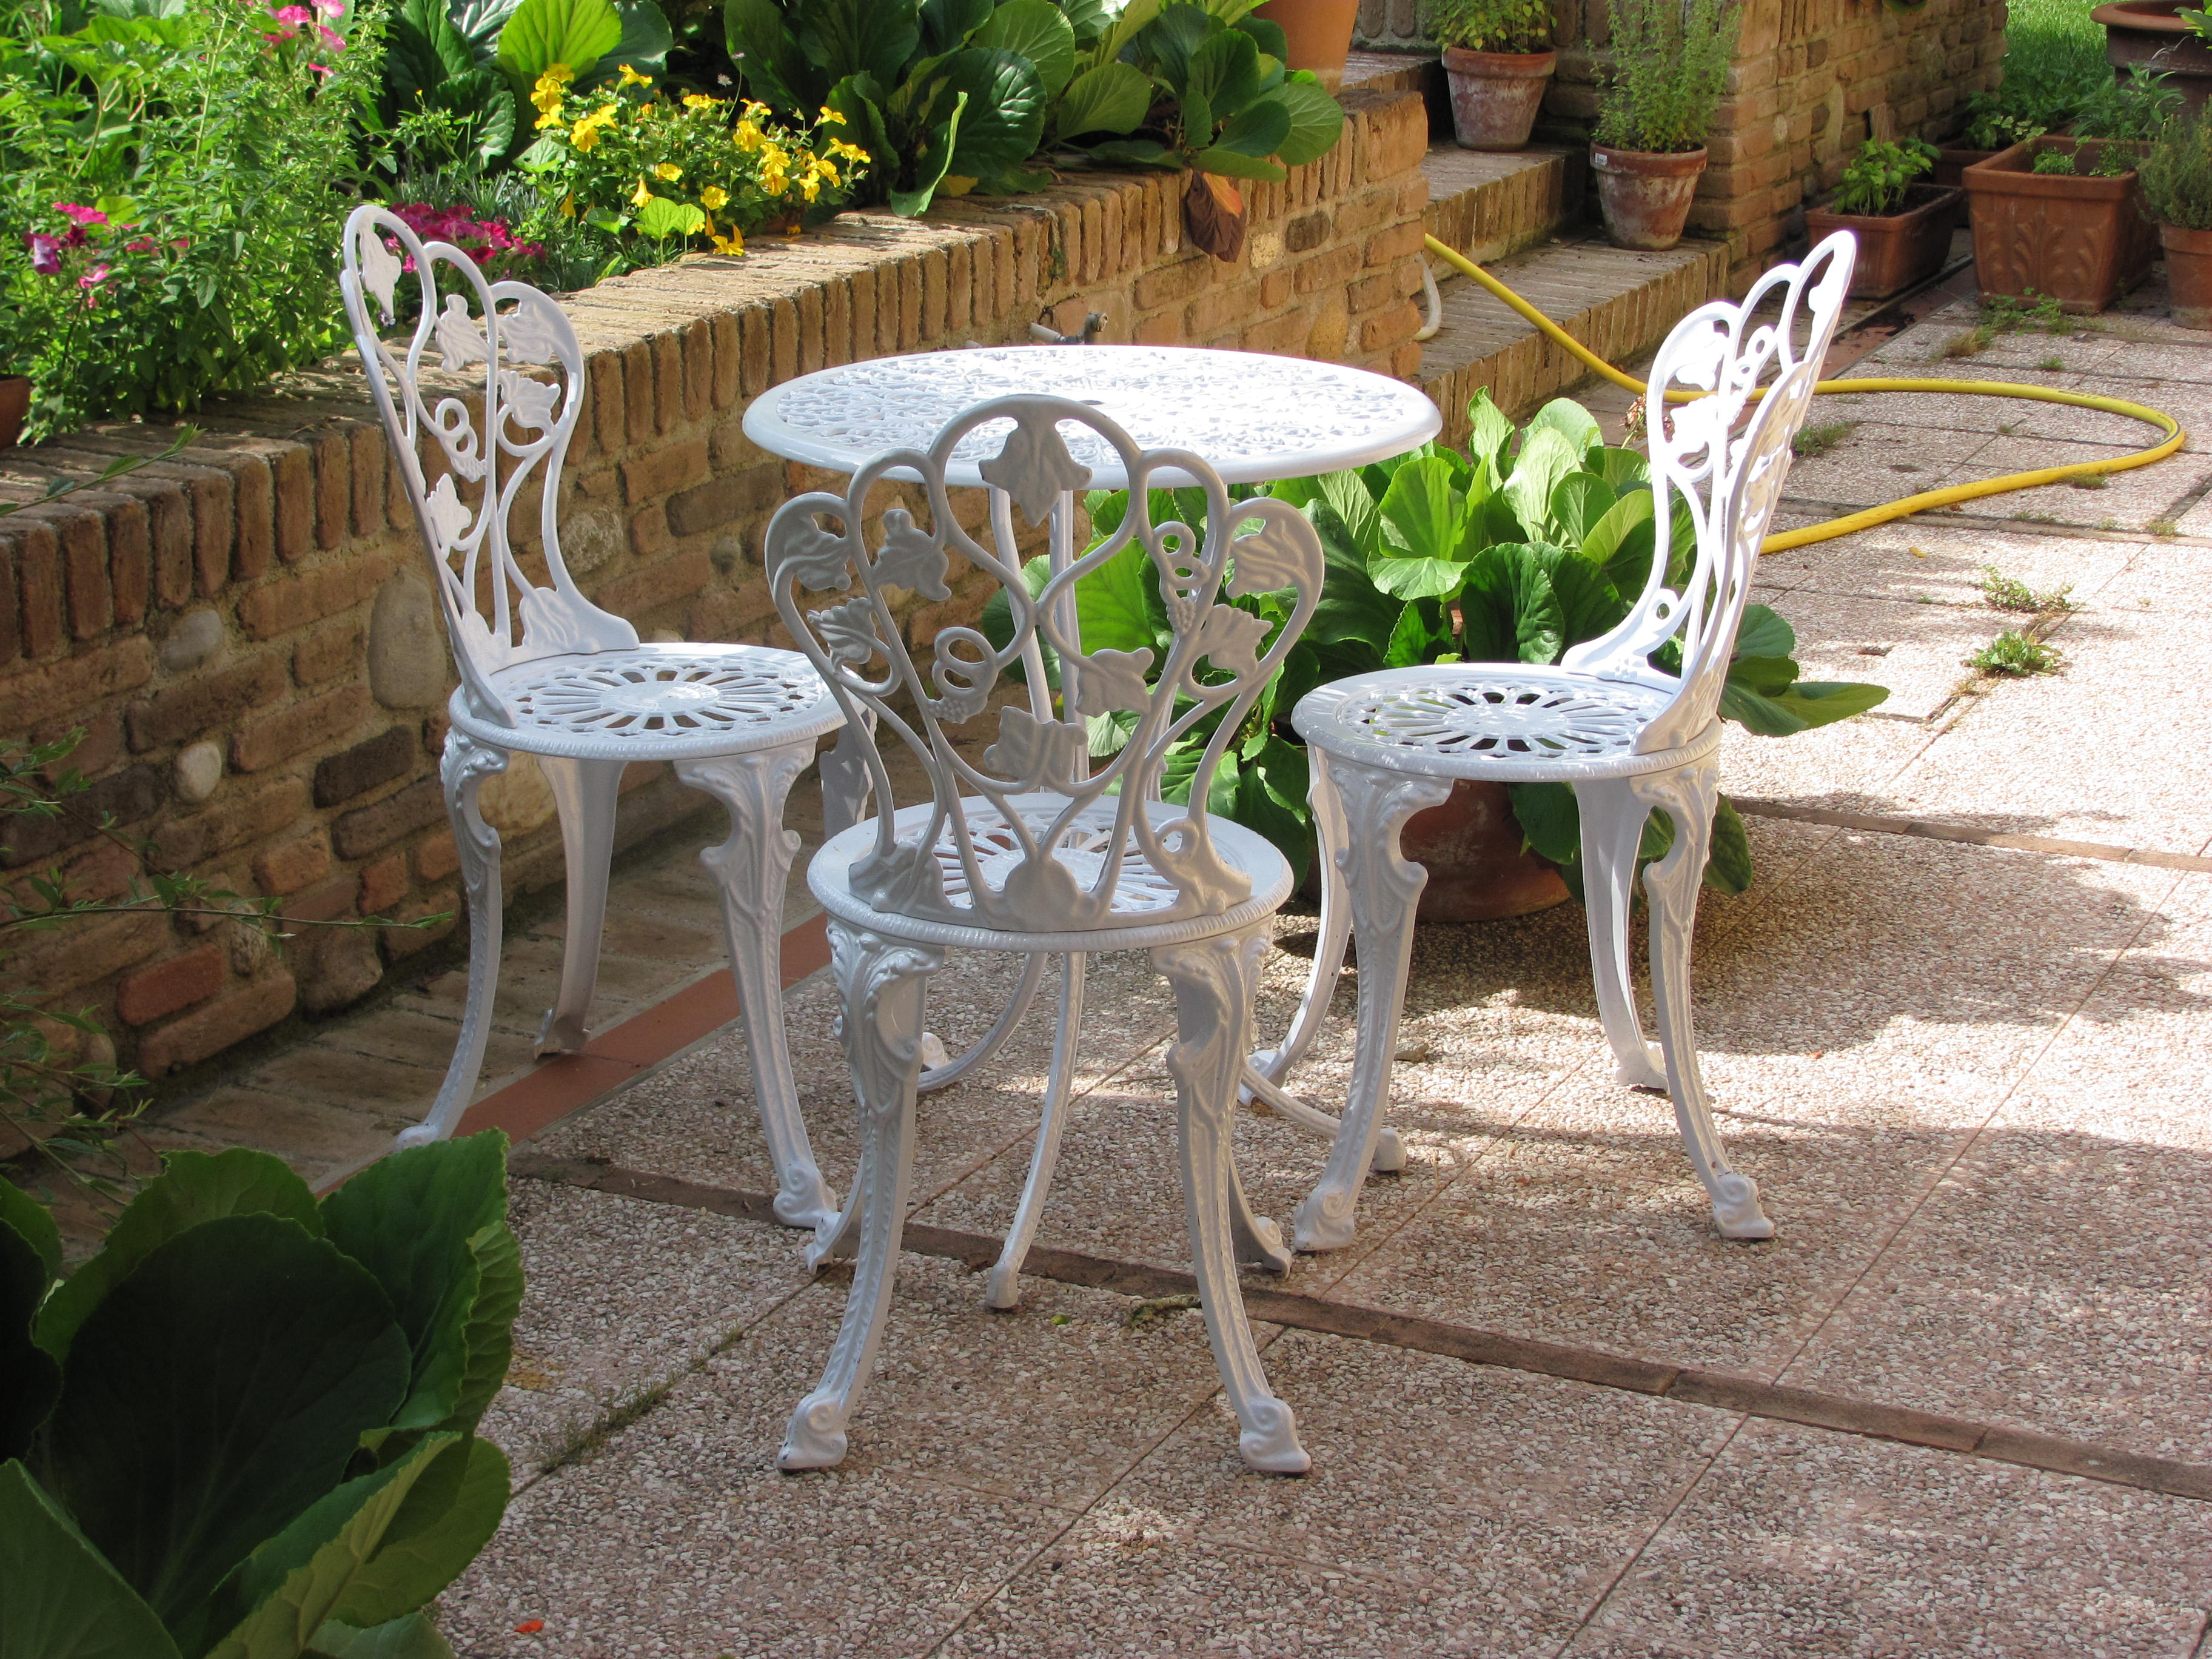 Tavolo e sedia pisa prezzo : Ferro da pozzo con griglia di sicurezza e tavolo sedie